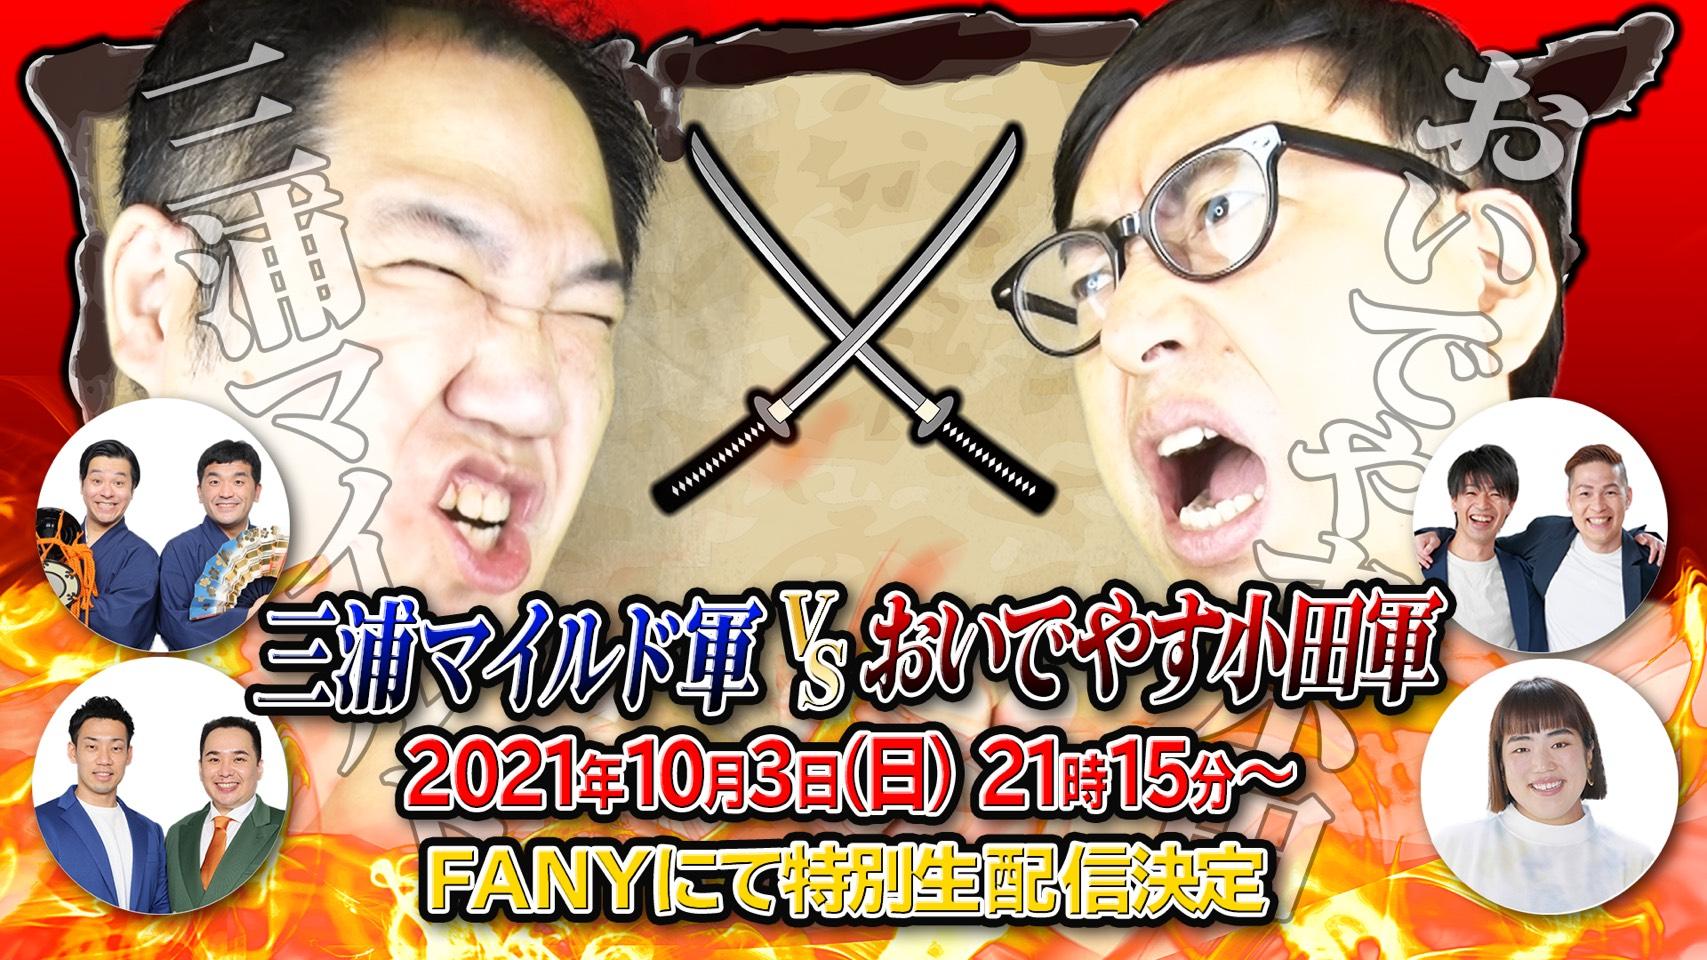 おいでやす小田と三浦マイルドが互いに軍団メンバーを率いて対決!10月3日オンラインイベント開催!